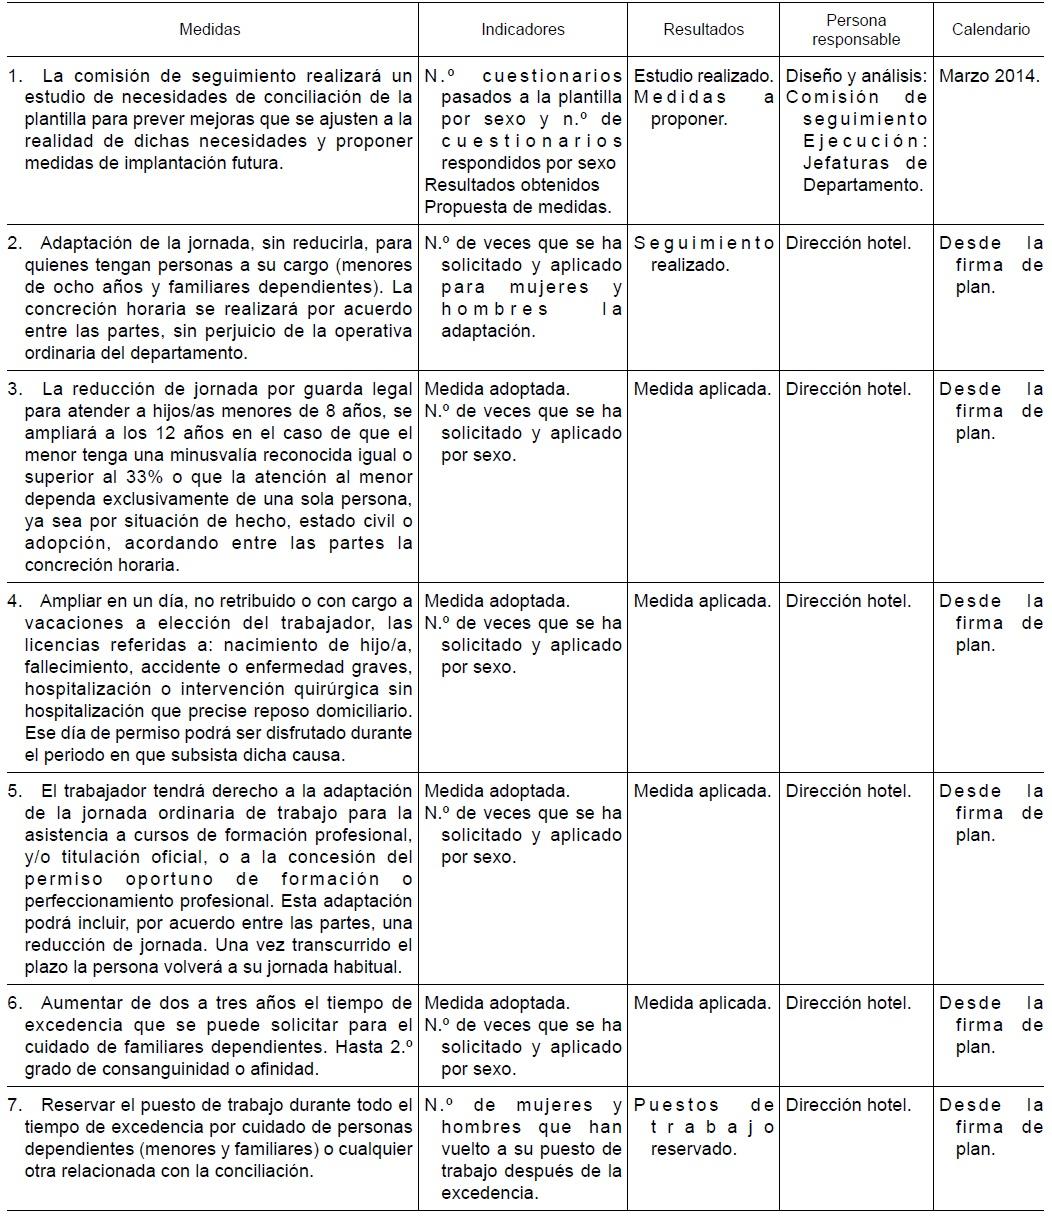 Buscador de Convenios UGT Andalucía